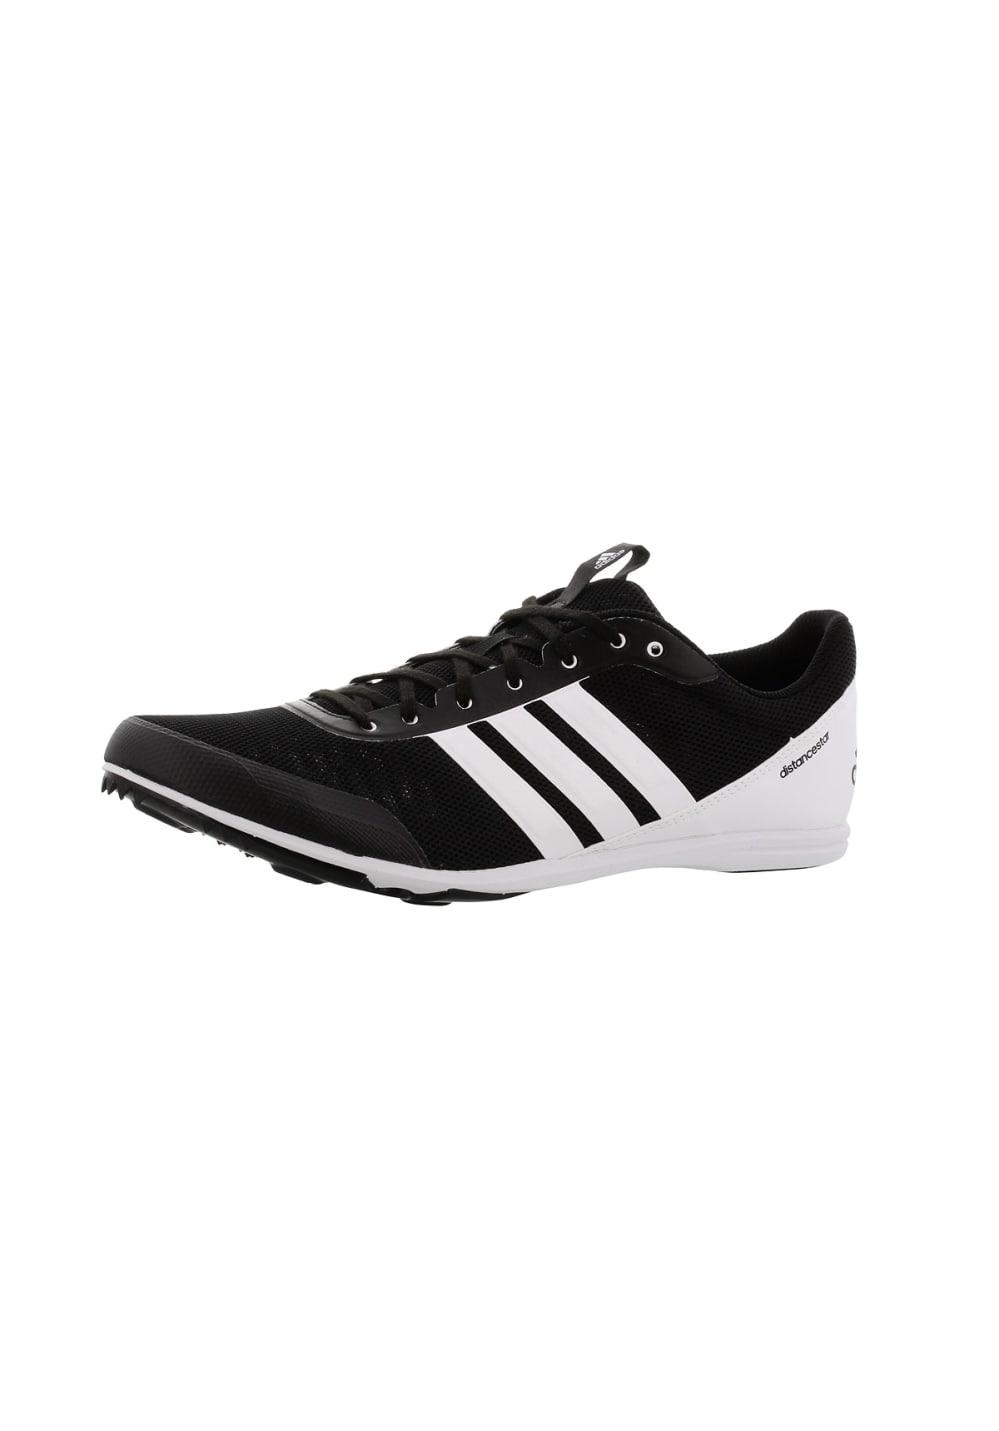 best sneakers 53fbd 4d3ea Next. -60%. adidas. Distancestar - Chaussures pointes pour Homme